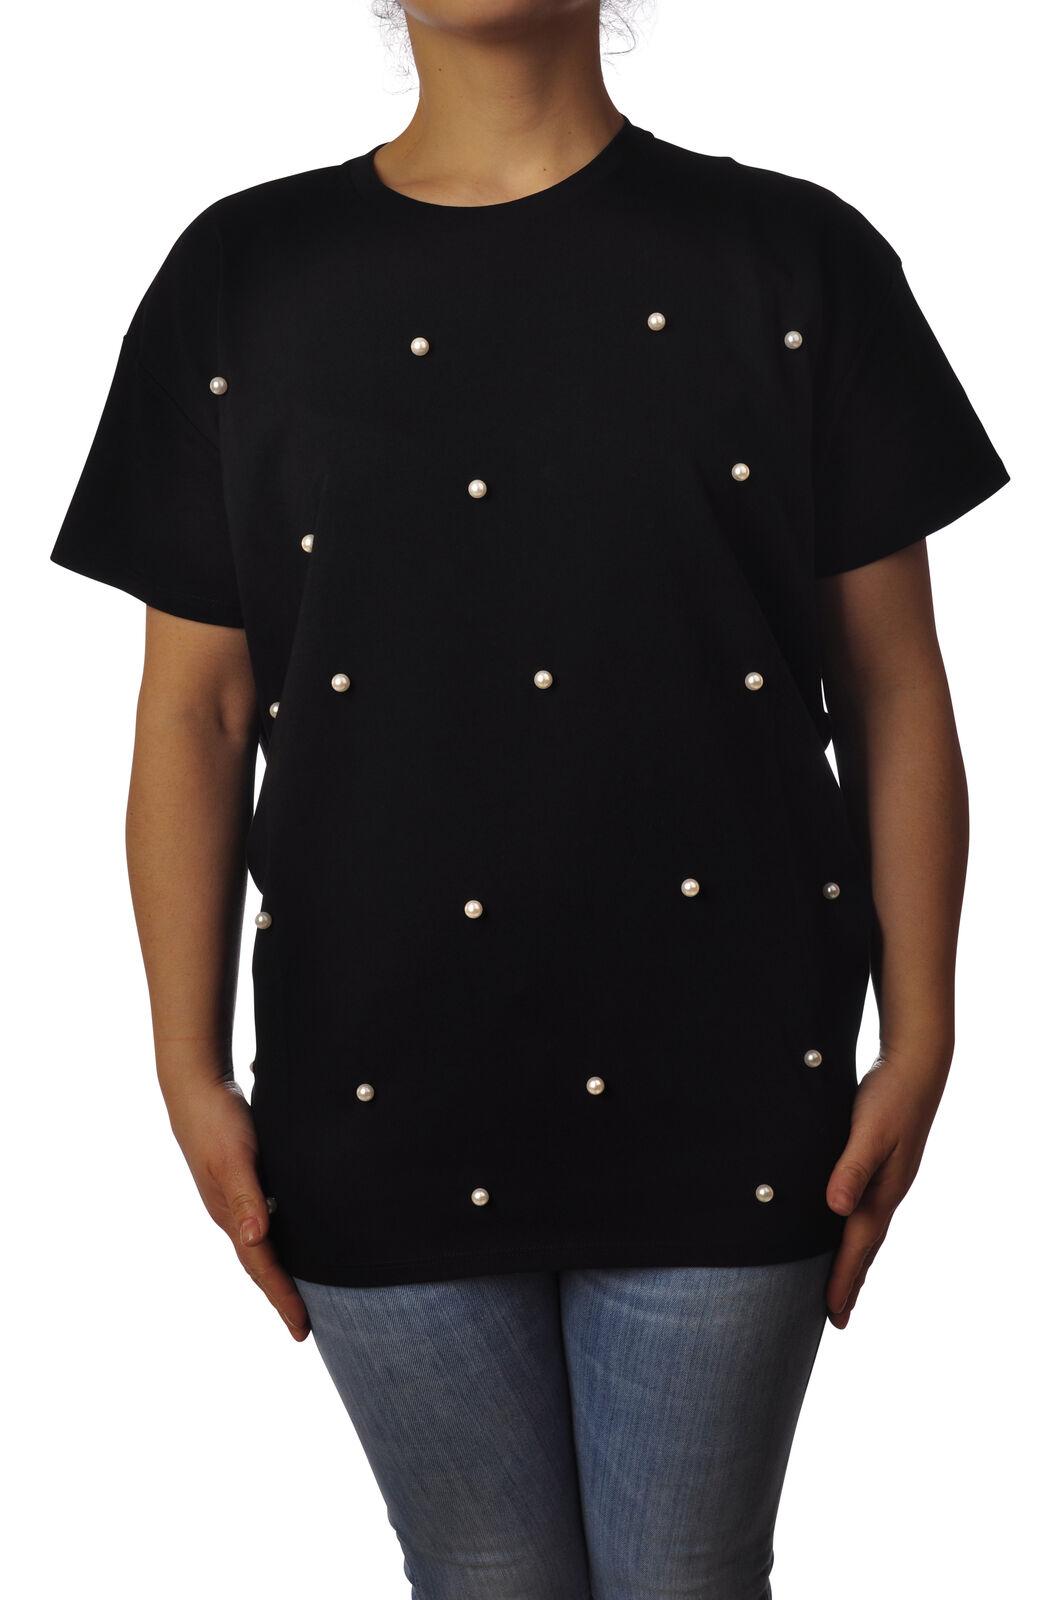 Gaëlle Paris - Topwear-T-shirts - Woman - schwarz - 5226513L184251